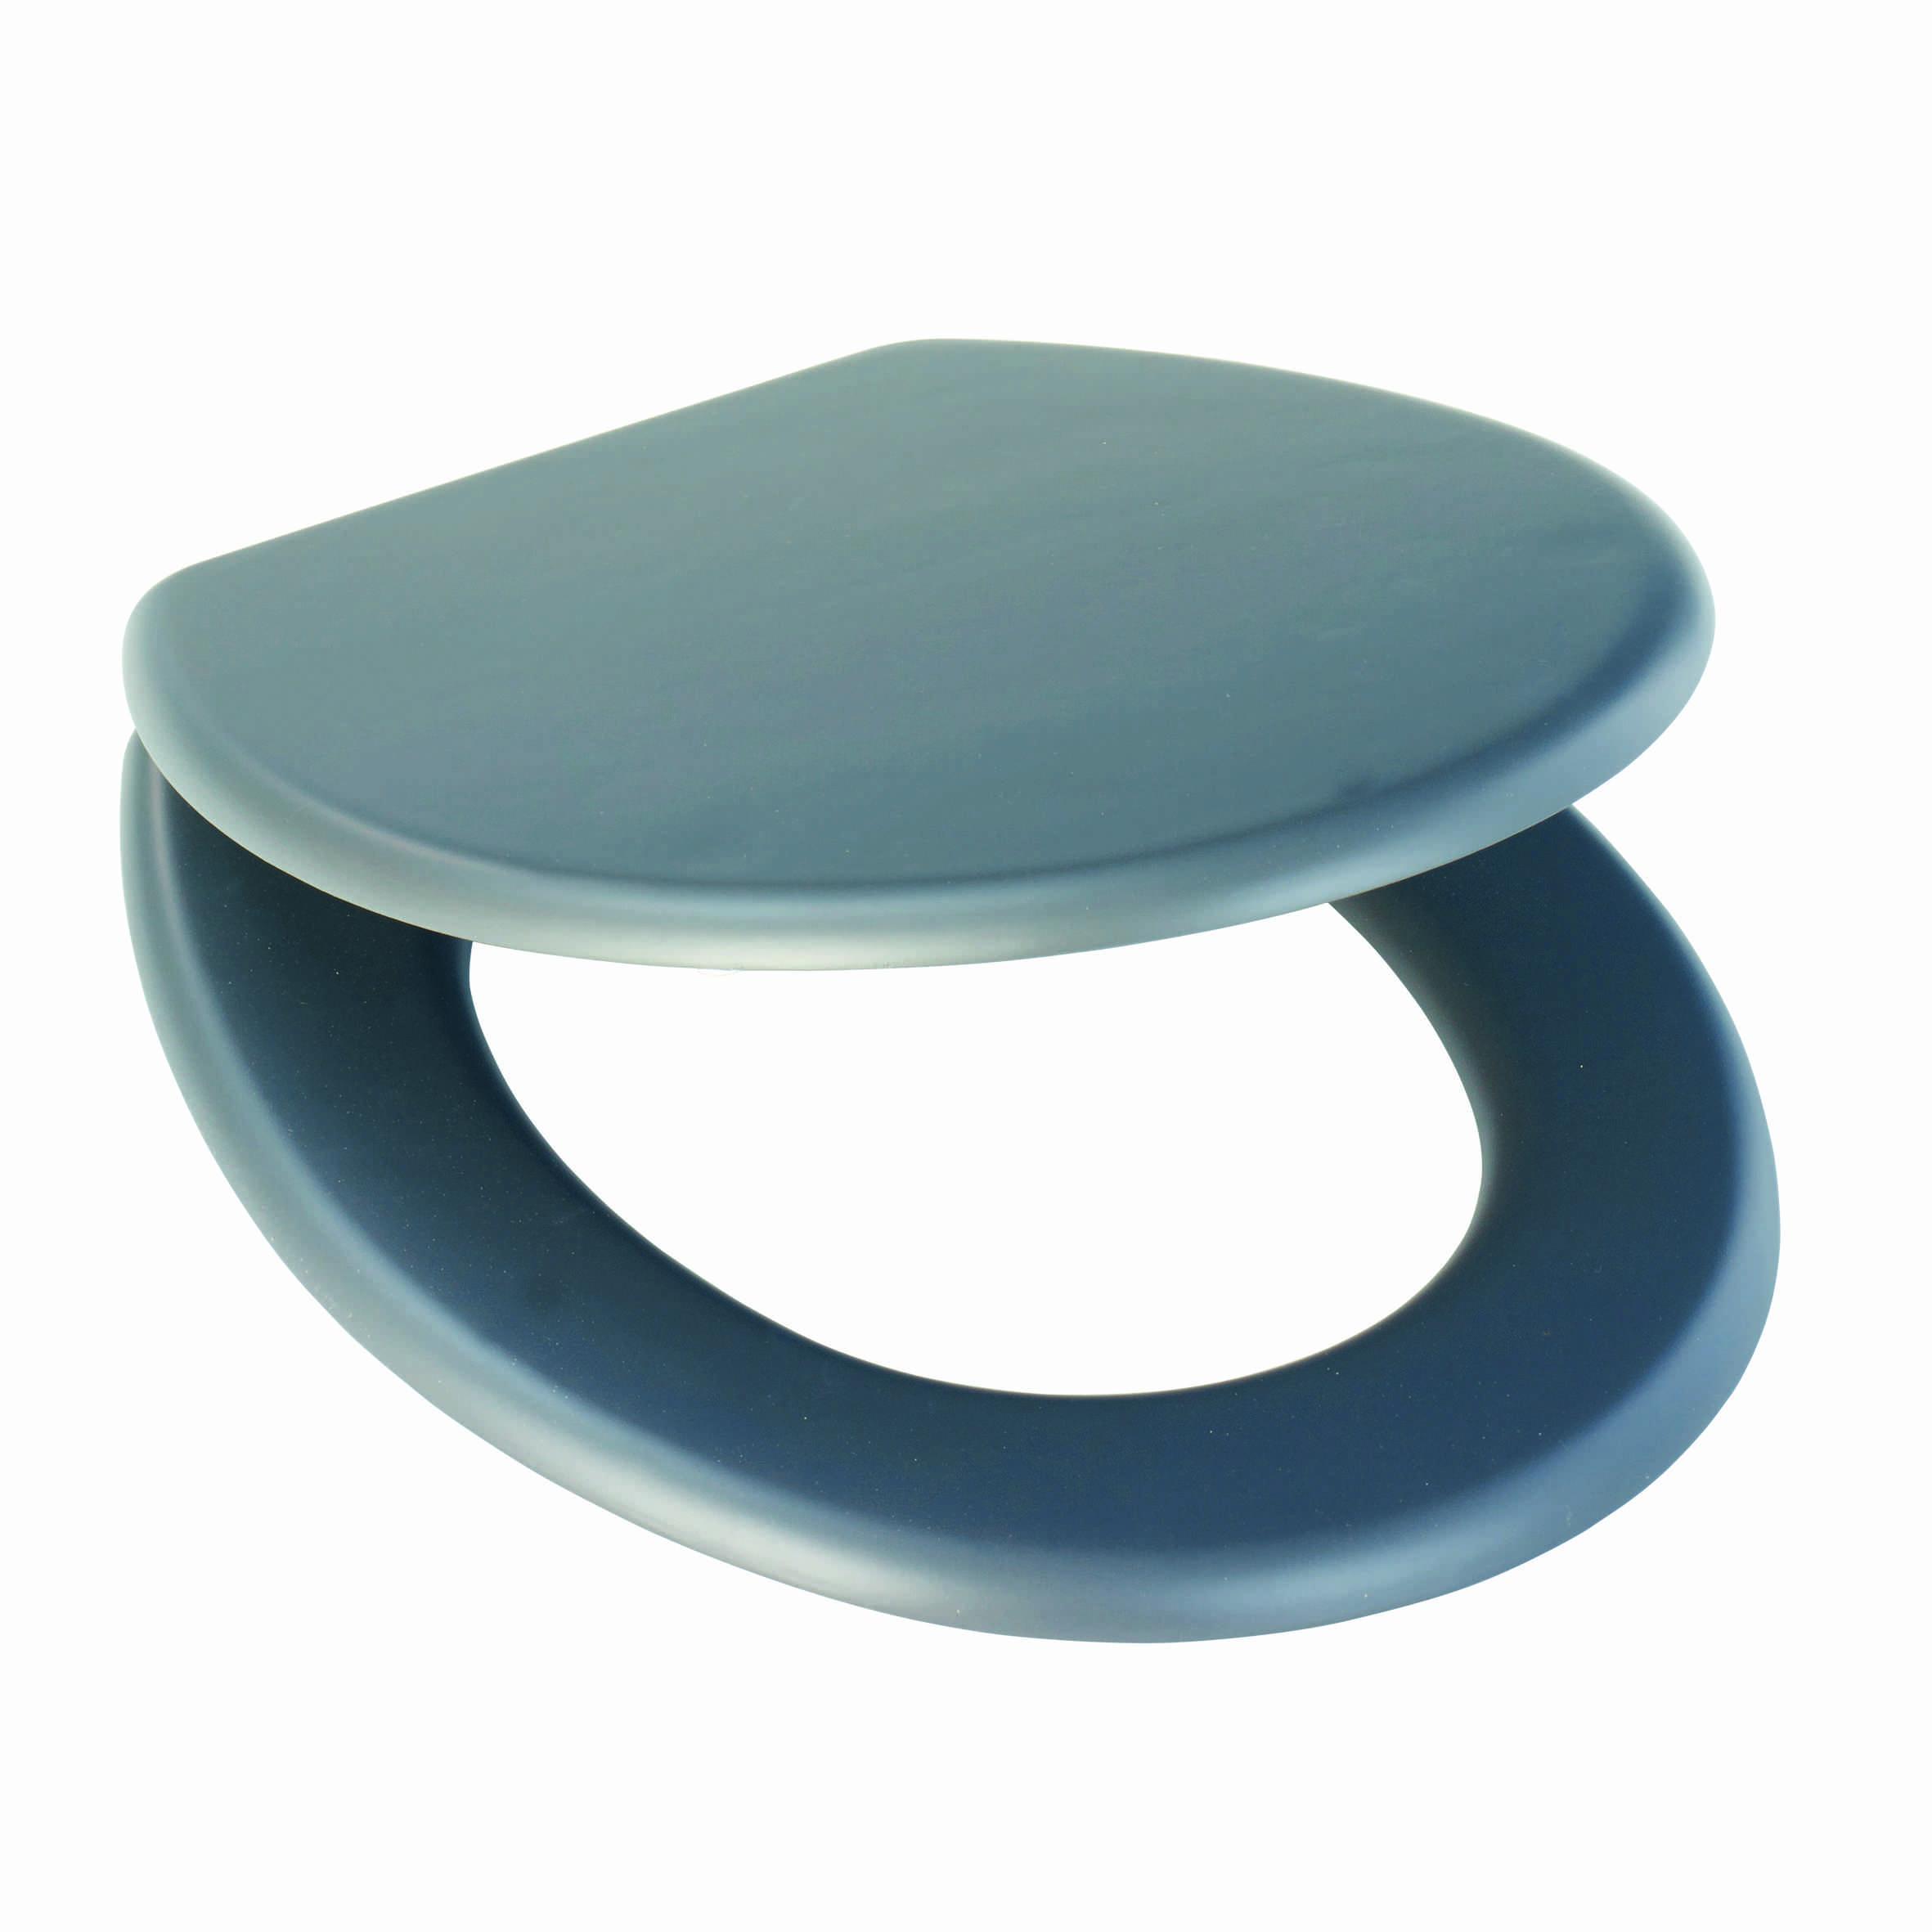 wc sitz mit lena anthrazit acrylbeschichtung toilettensitz 44 x 36 x 5 5 cm neu ebay. Black Bedroom Furniture Sets. Home Design Ideas